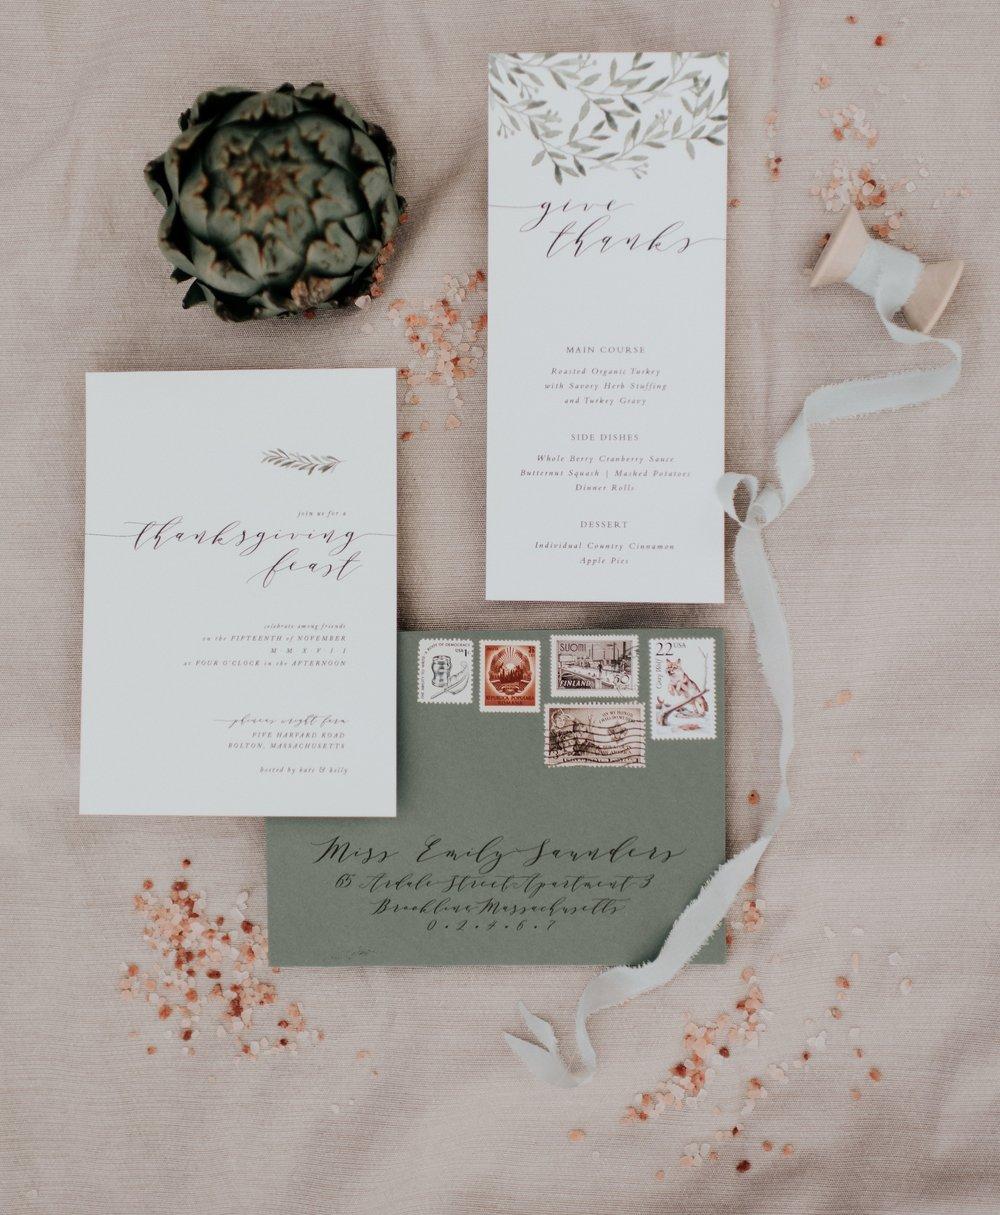 Thanksgiving Invitation | Kate Murtaugh Events & Design